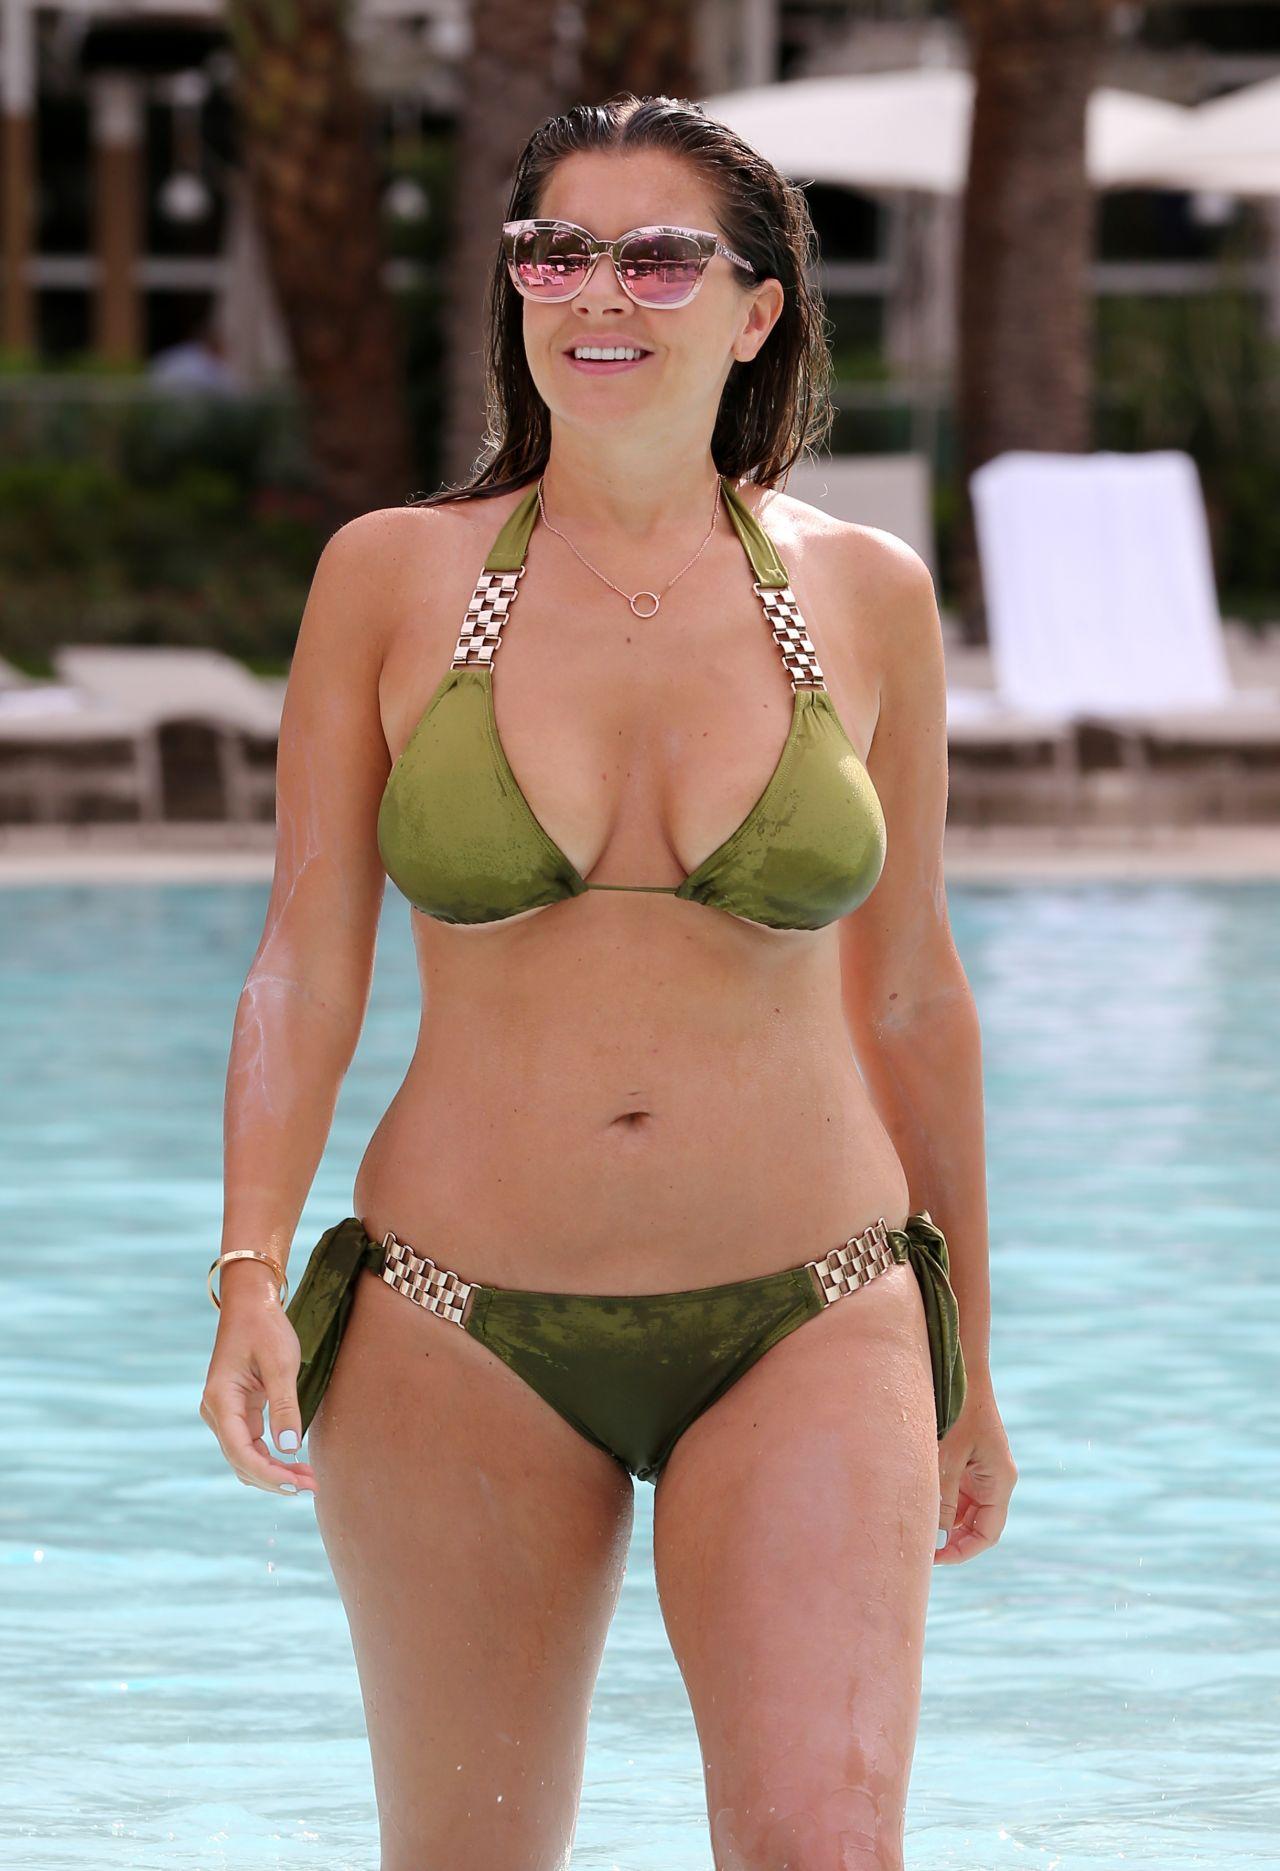 Hot sexy bikini babe